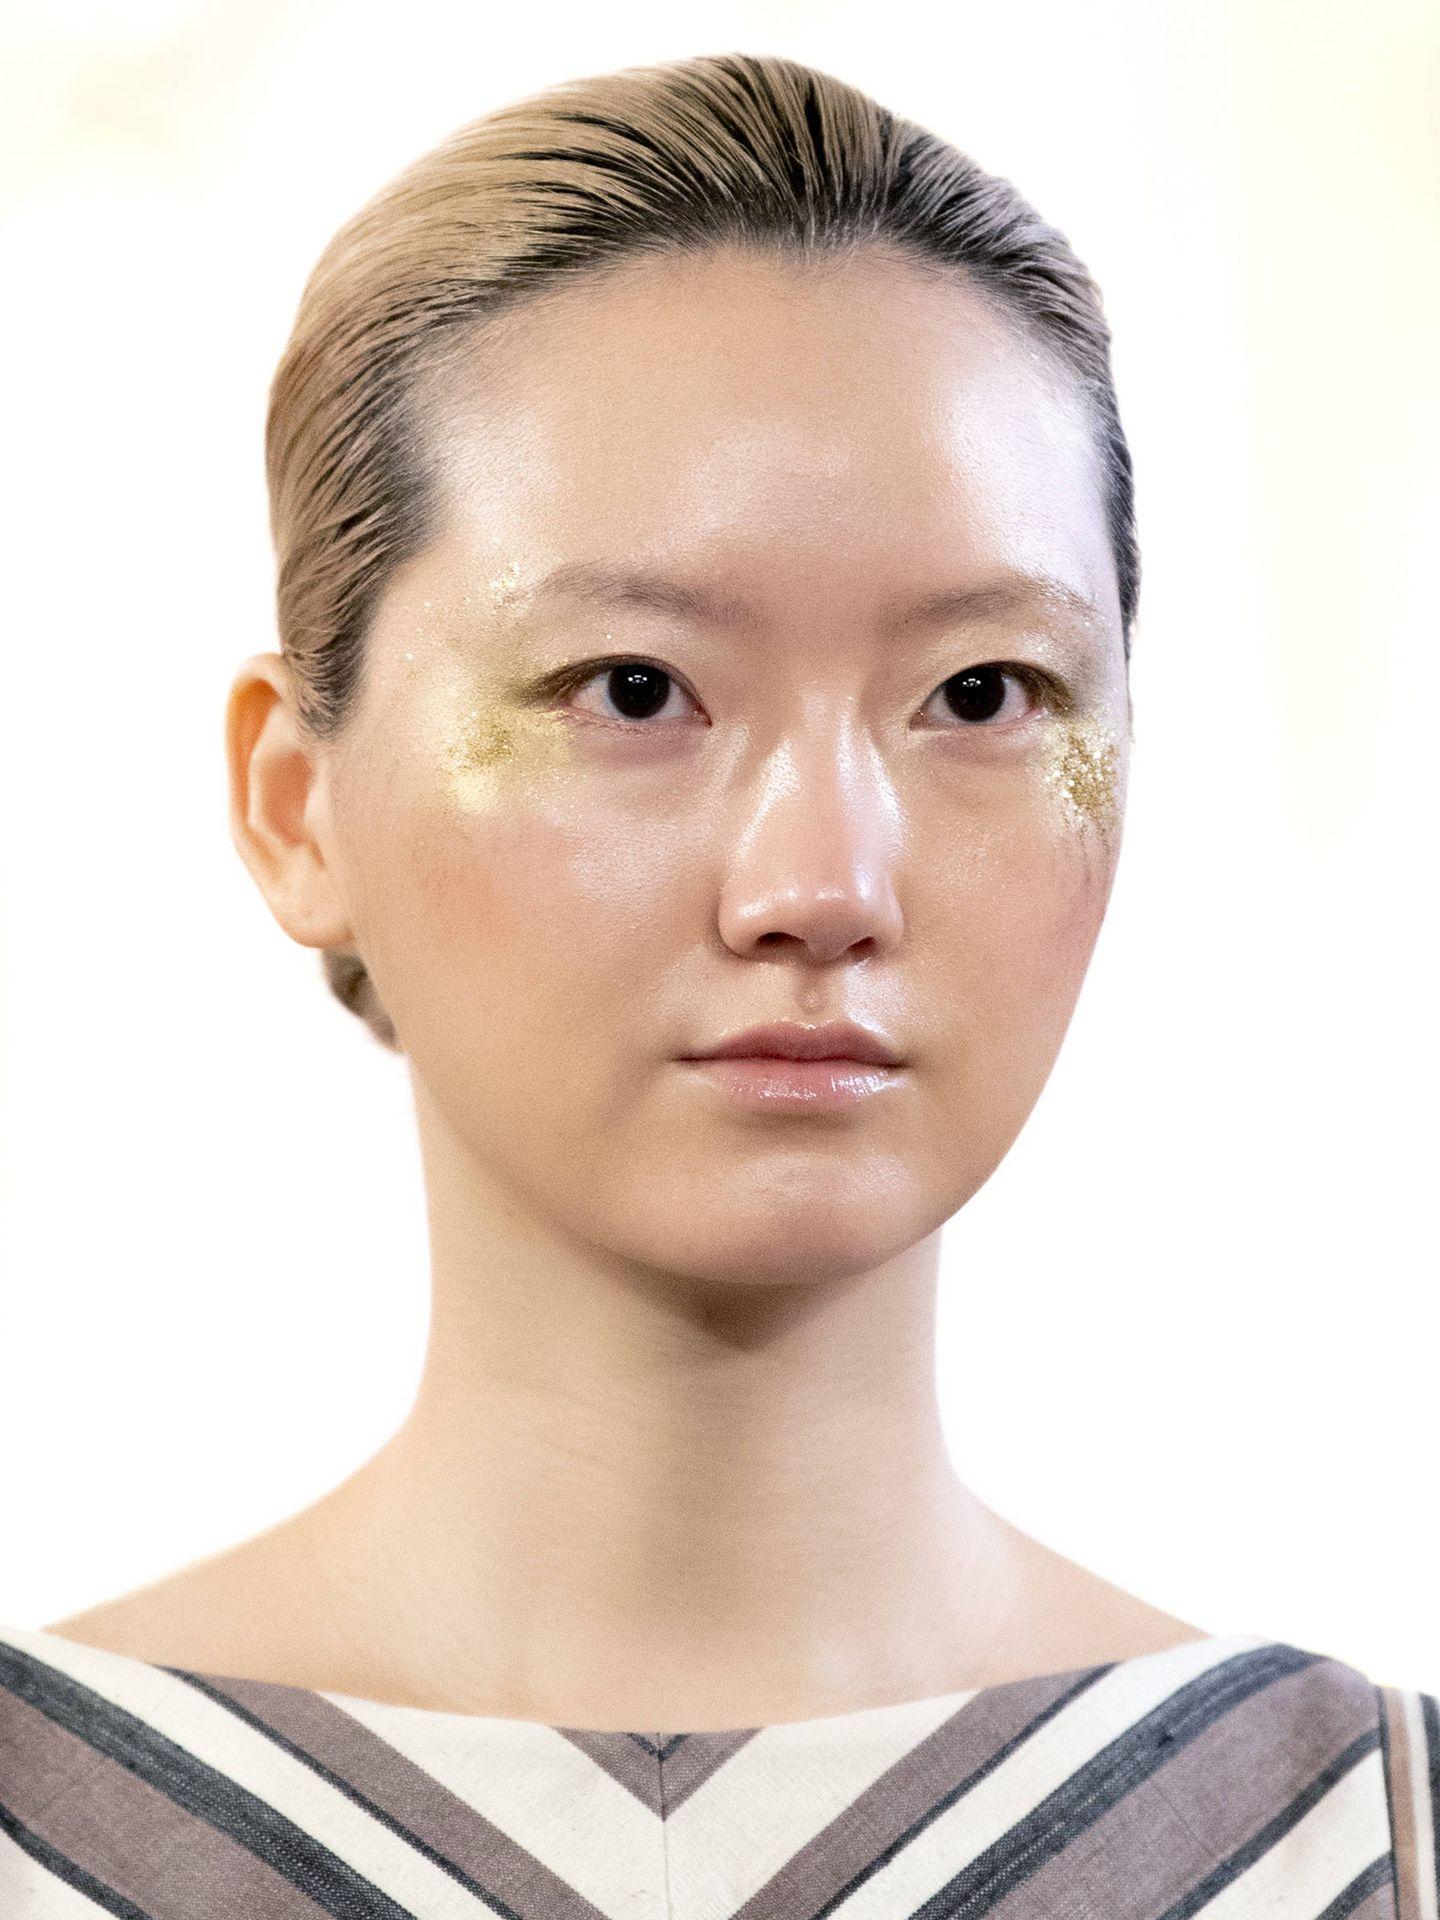 Los sérums efecto peeling unifican el tono de la piel y mejoran la iluminación. (Imaxtree)